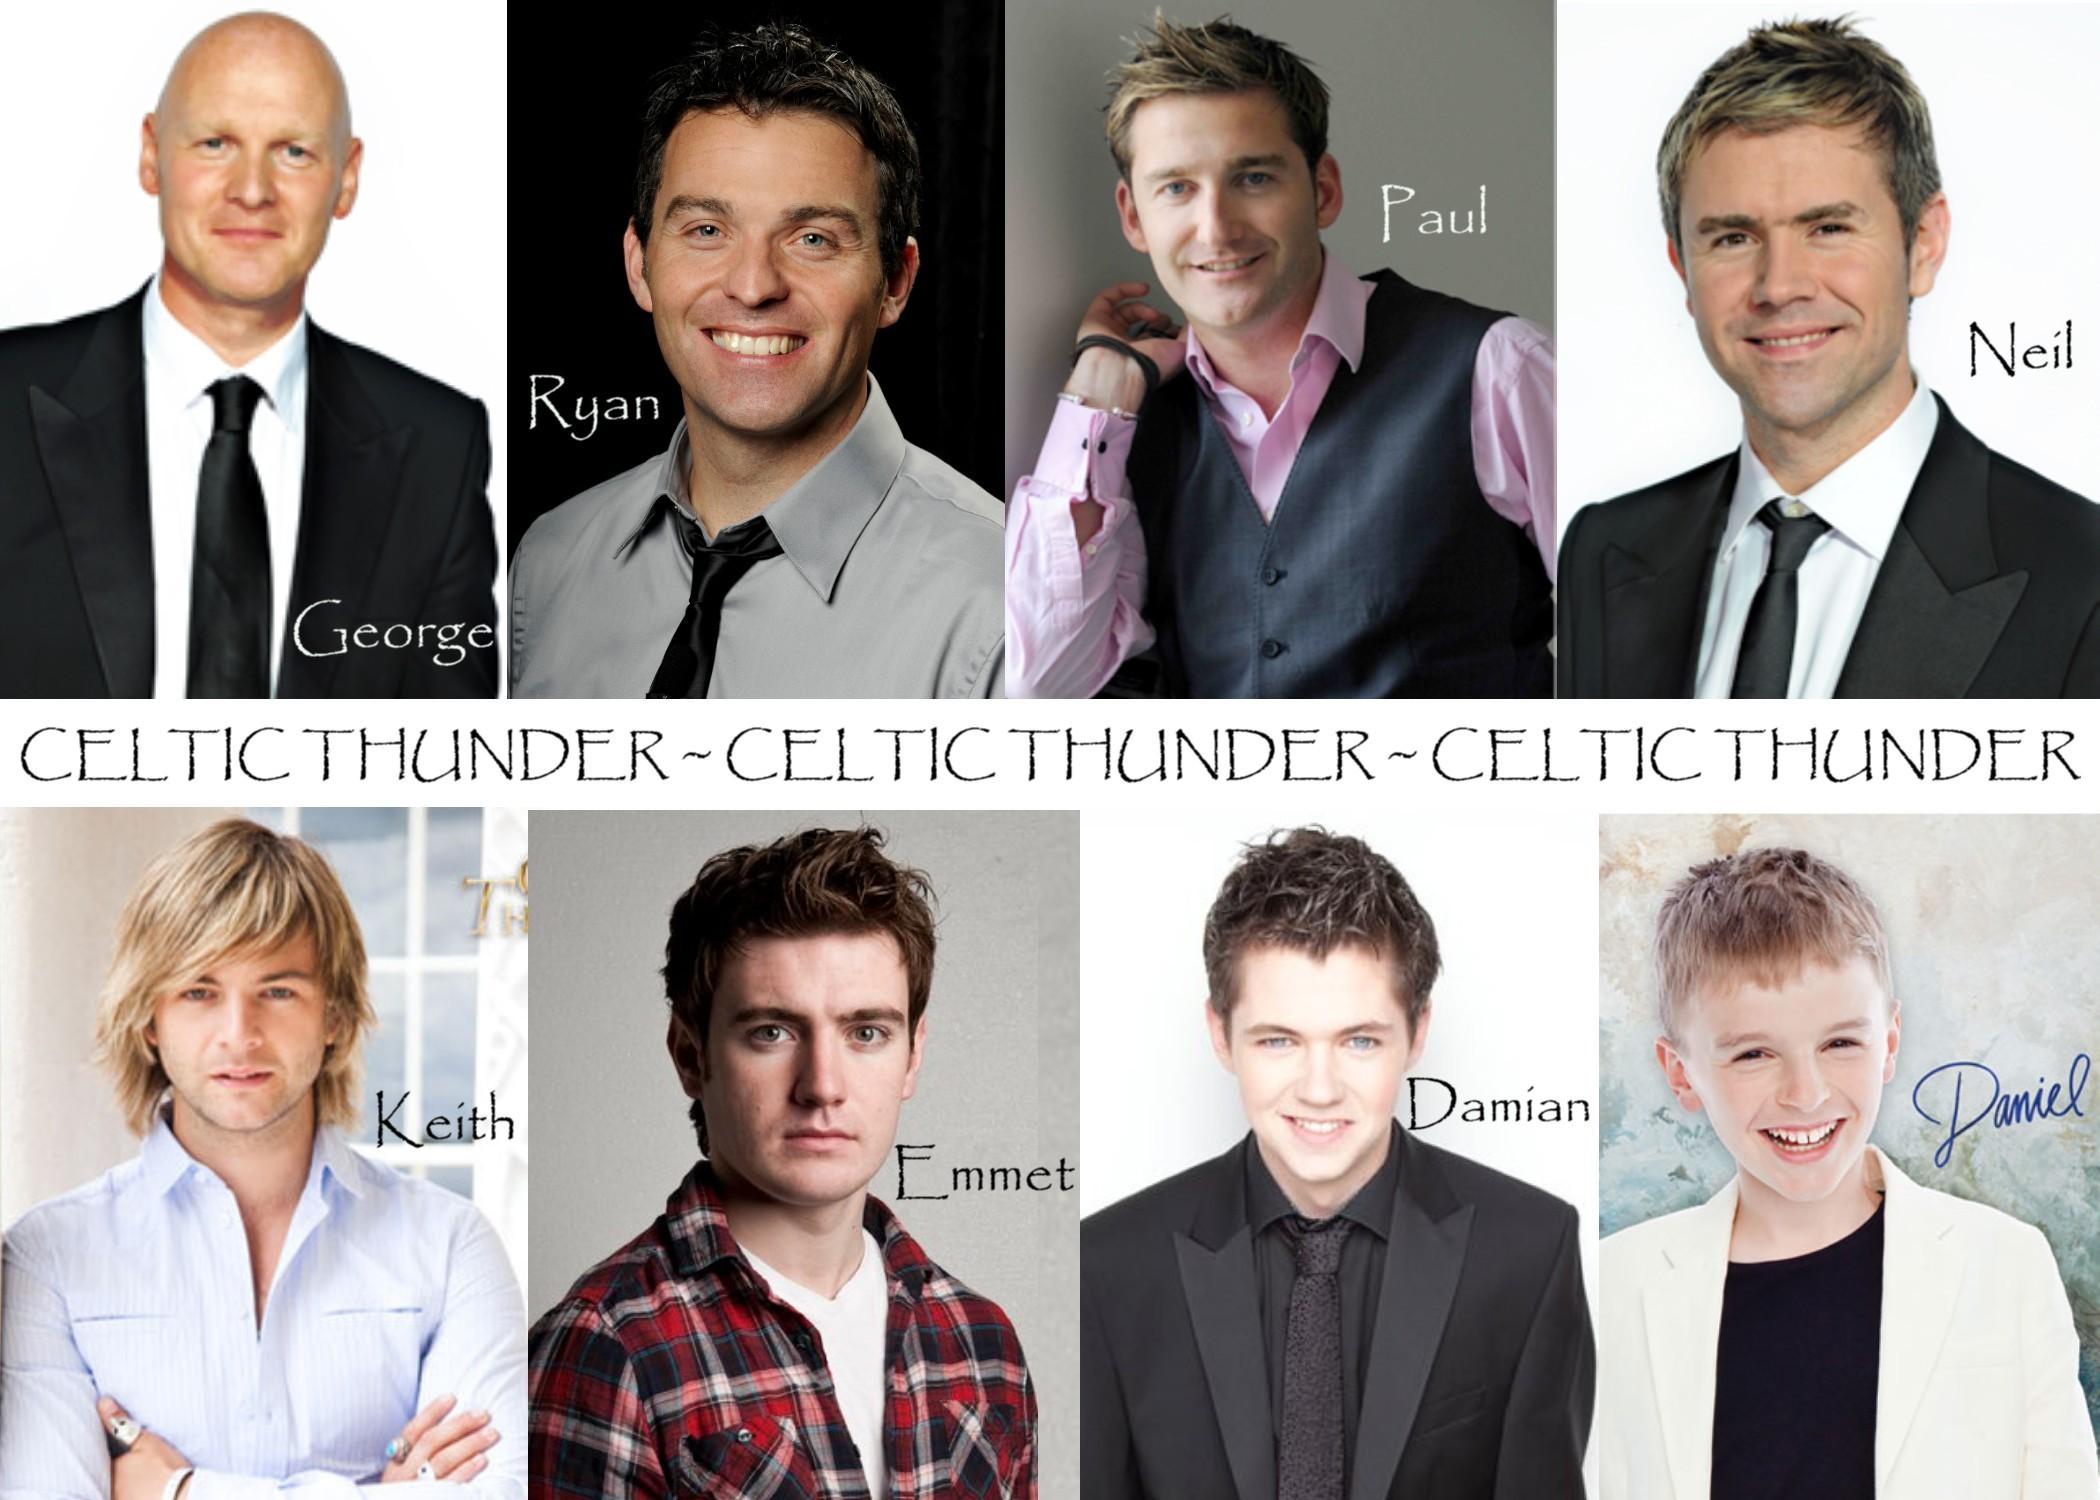 Celtic Thunder (past & present)